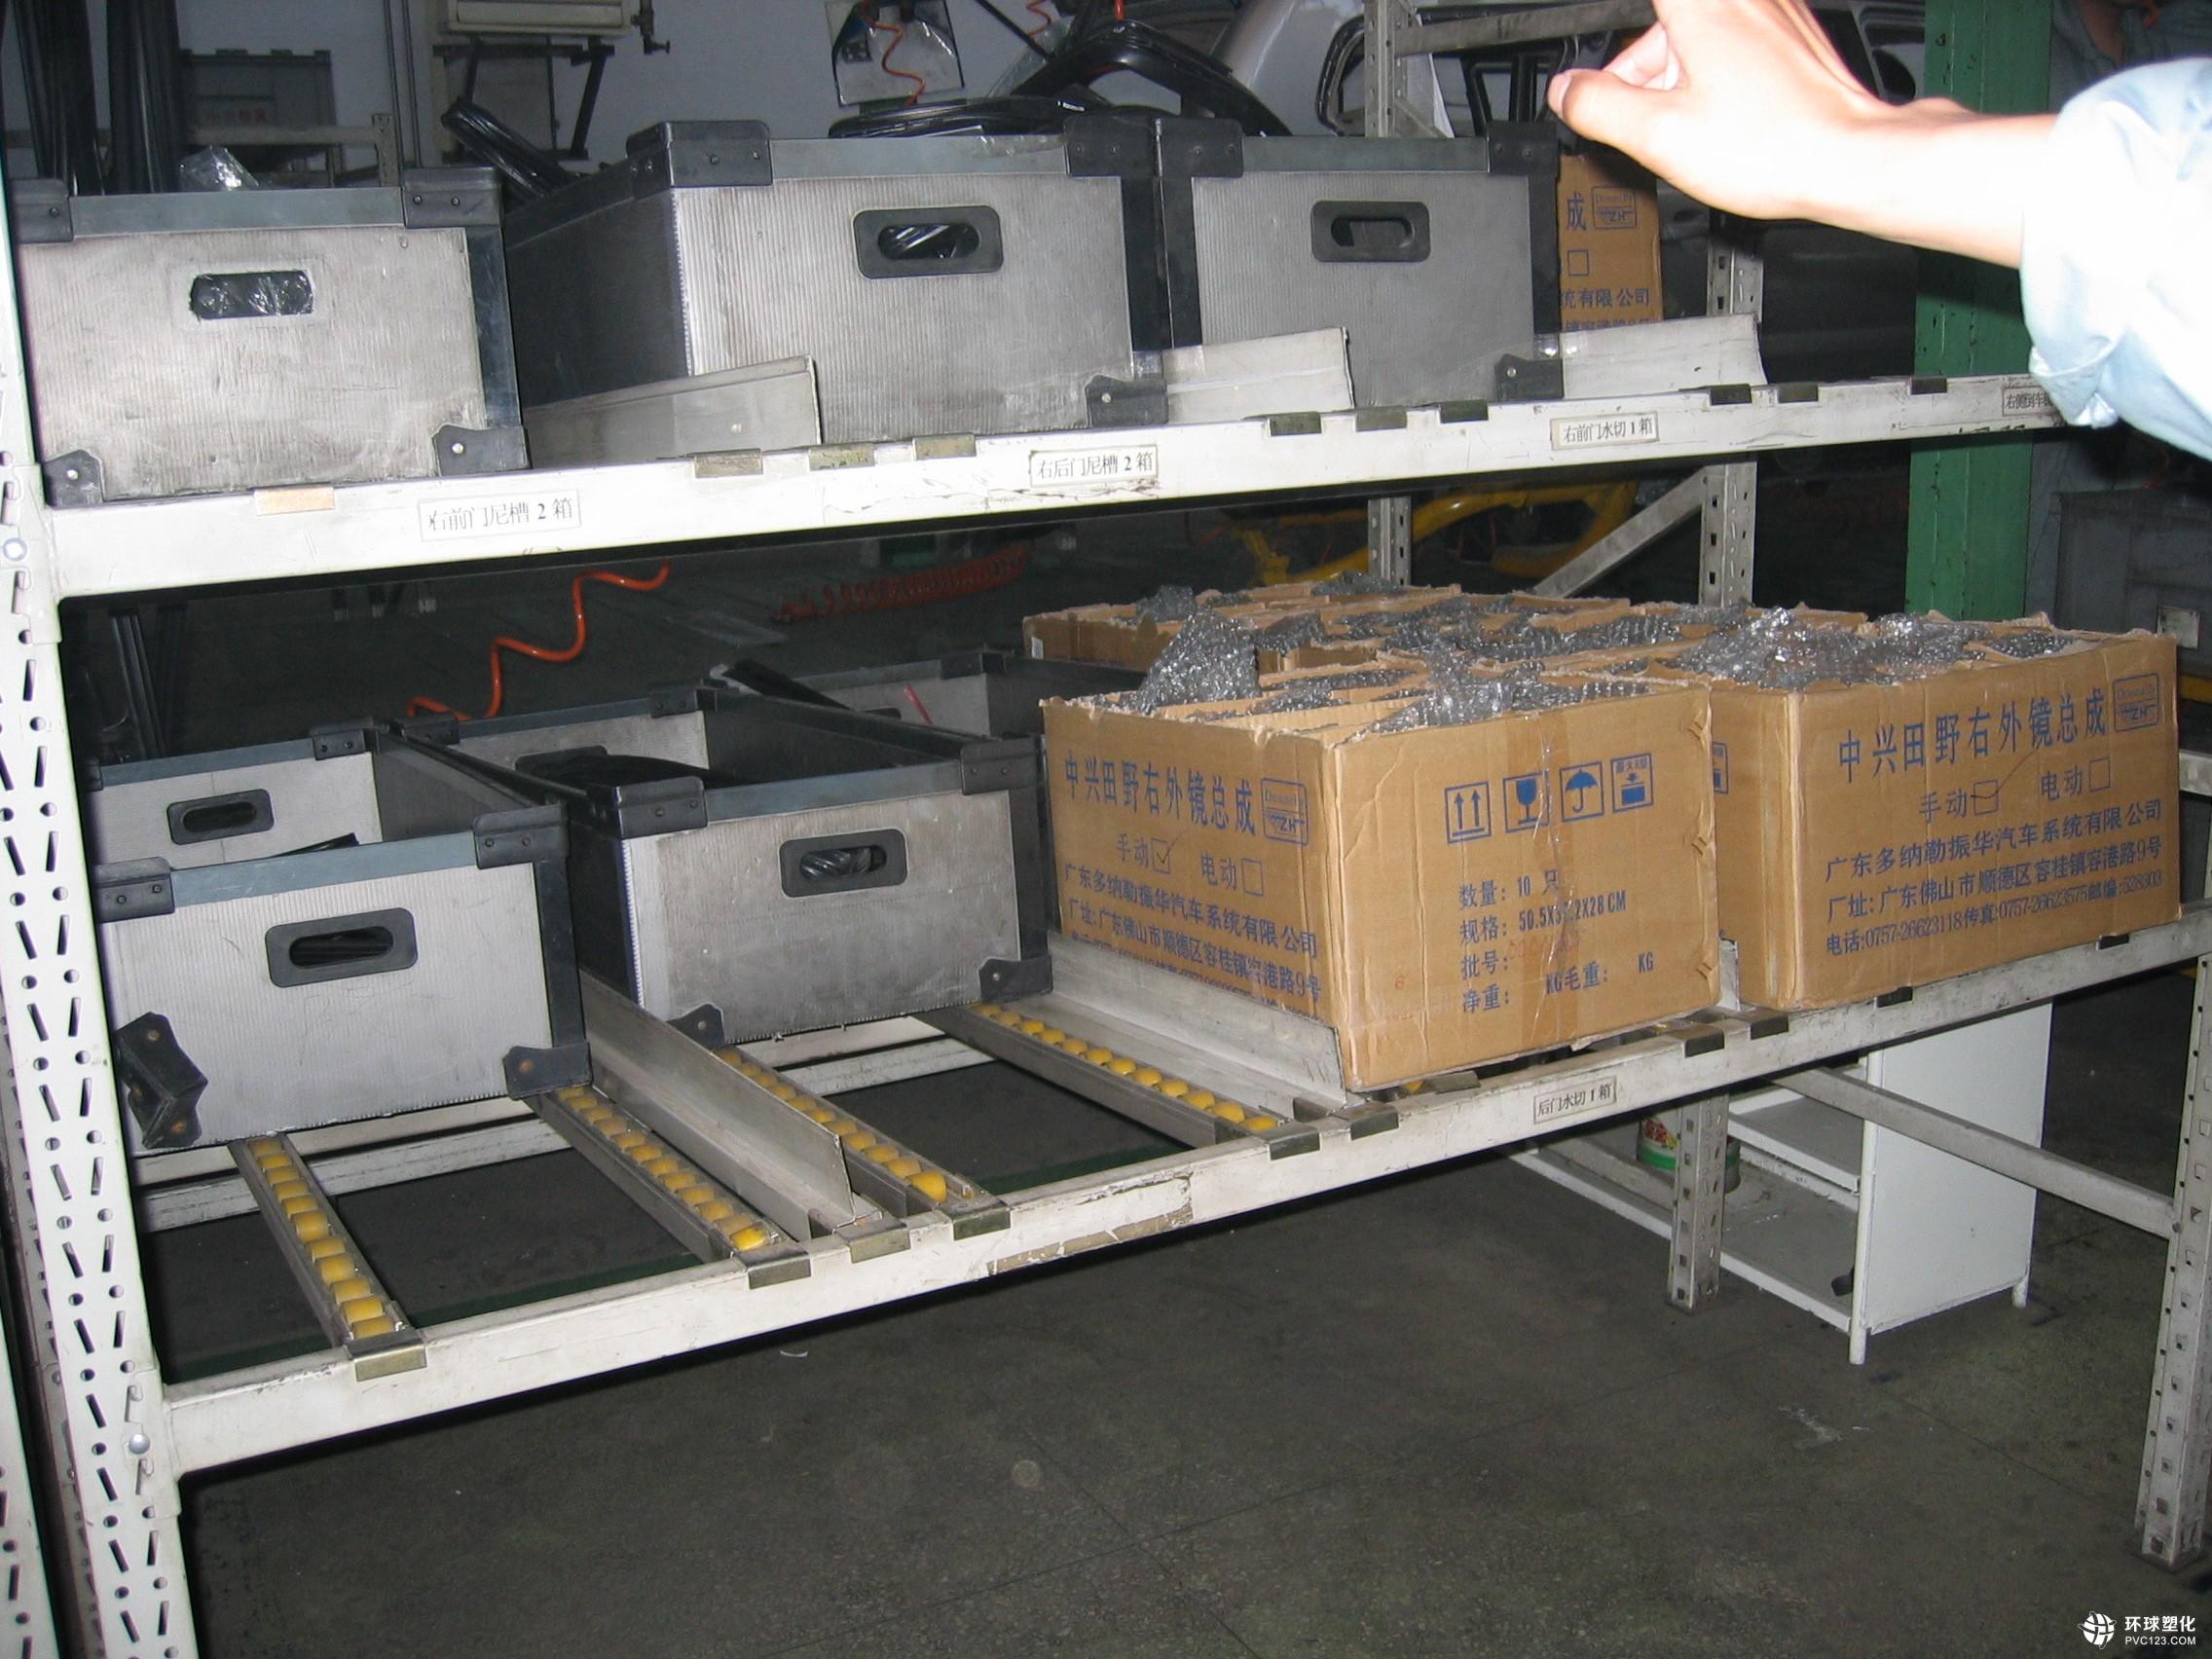 流利式货架 天津流利式货架厂 天津流利式货架价格